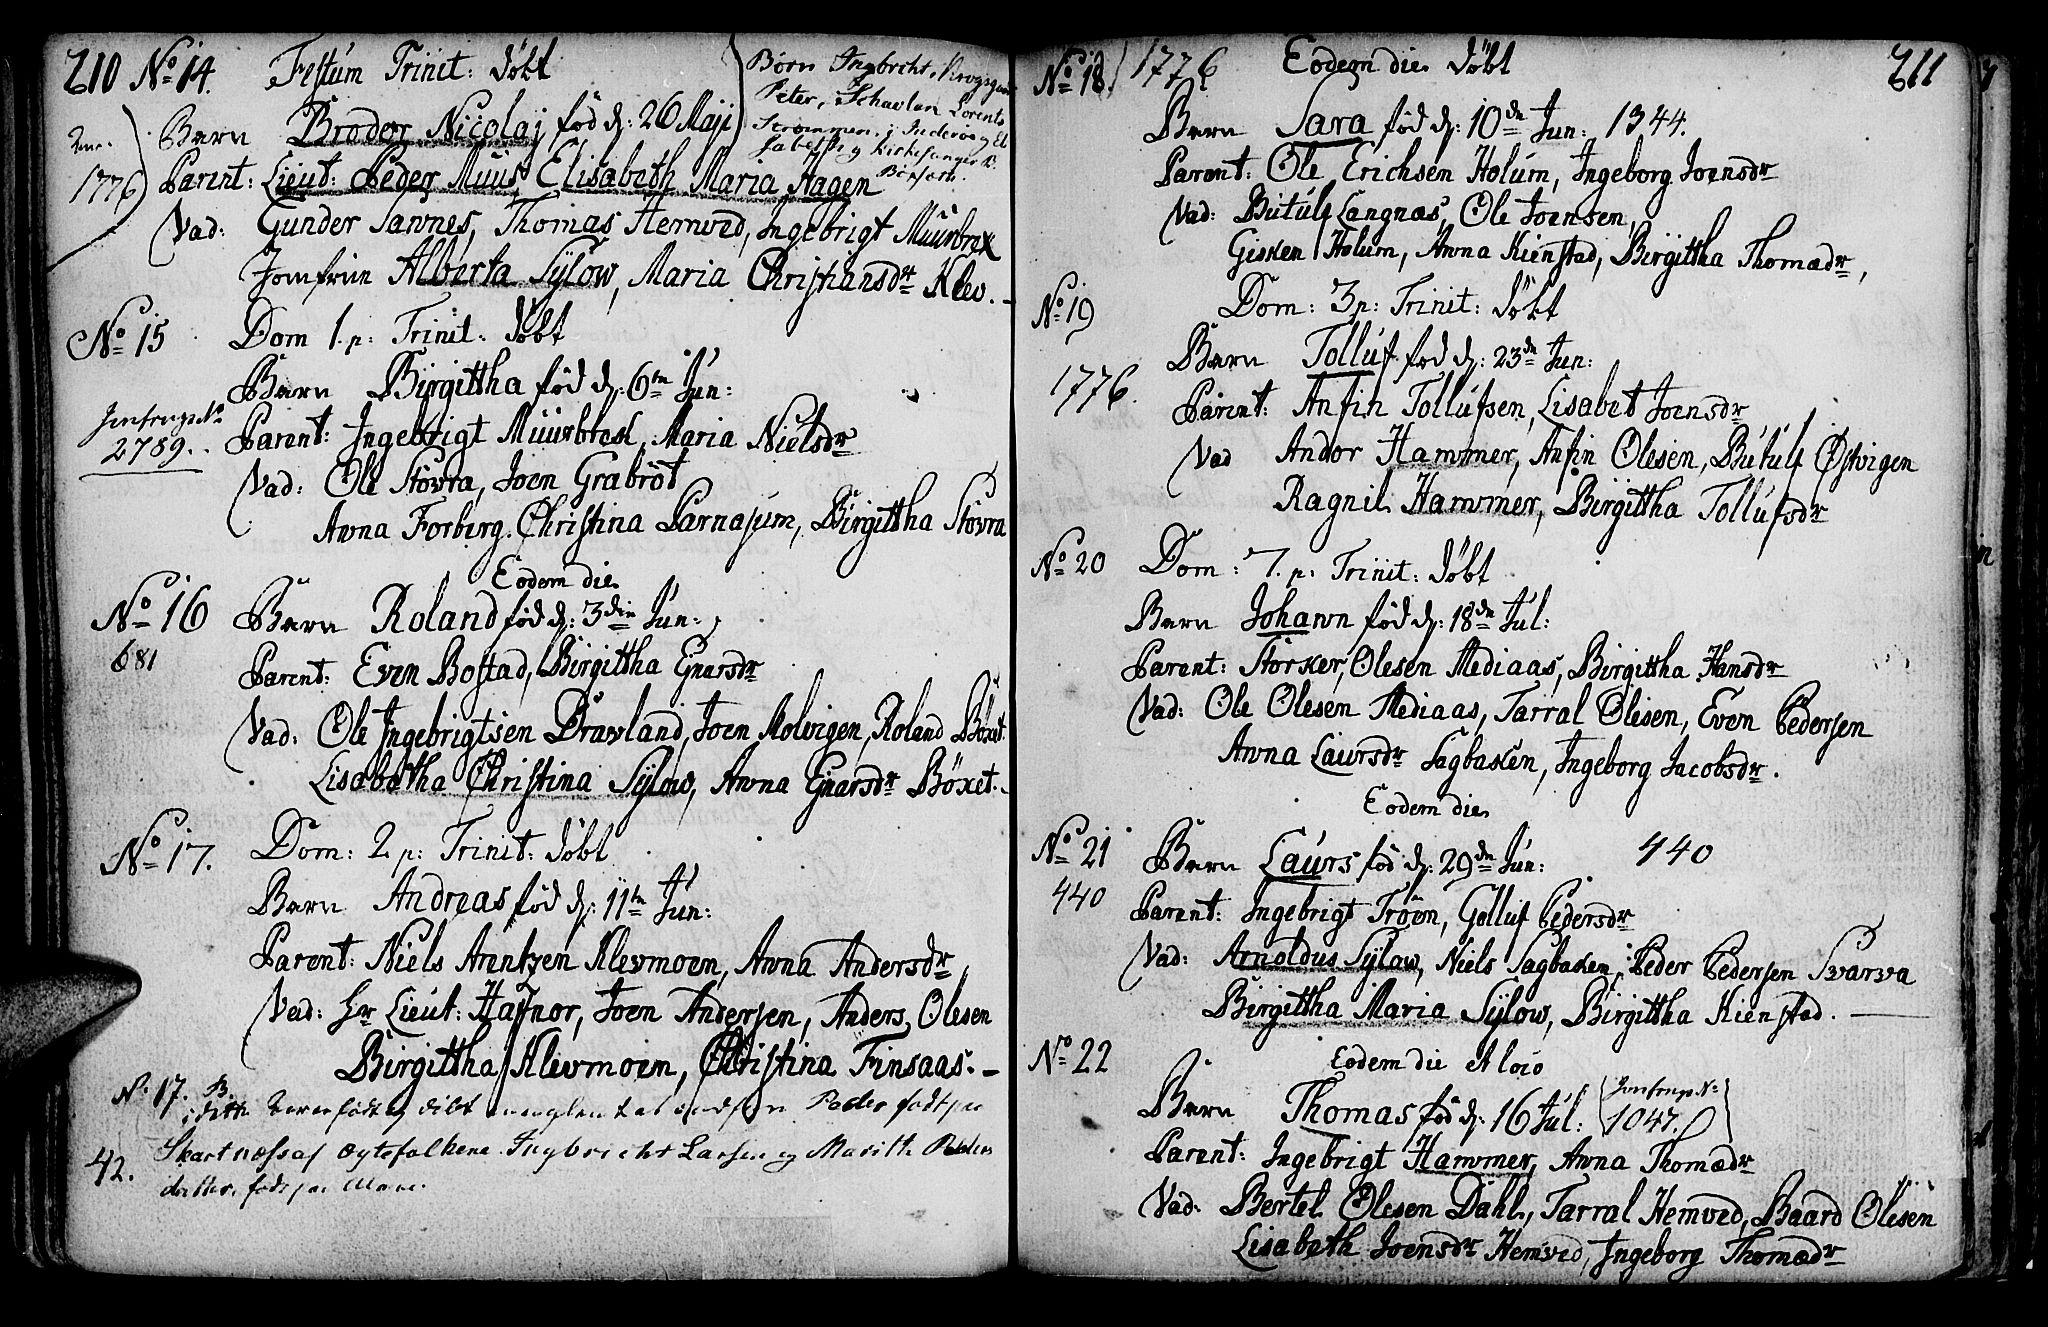 SAT, Ministerialprotokoller, klokkerbøker og fødselsregistre - Nord-Trøndelag, 749/L0467: Ministerialbok nr. 749A01, 1733-1787, s. 210-211